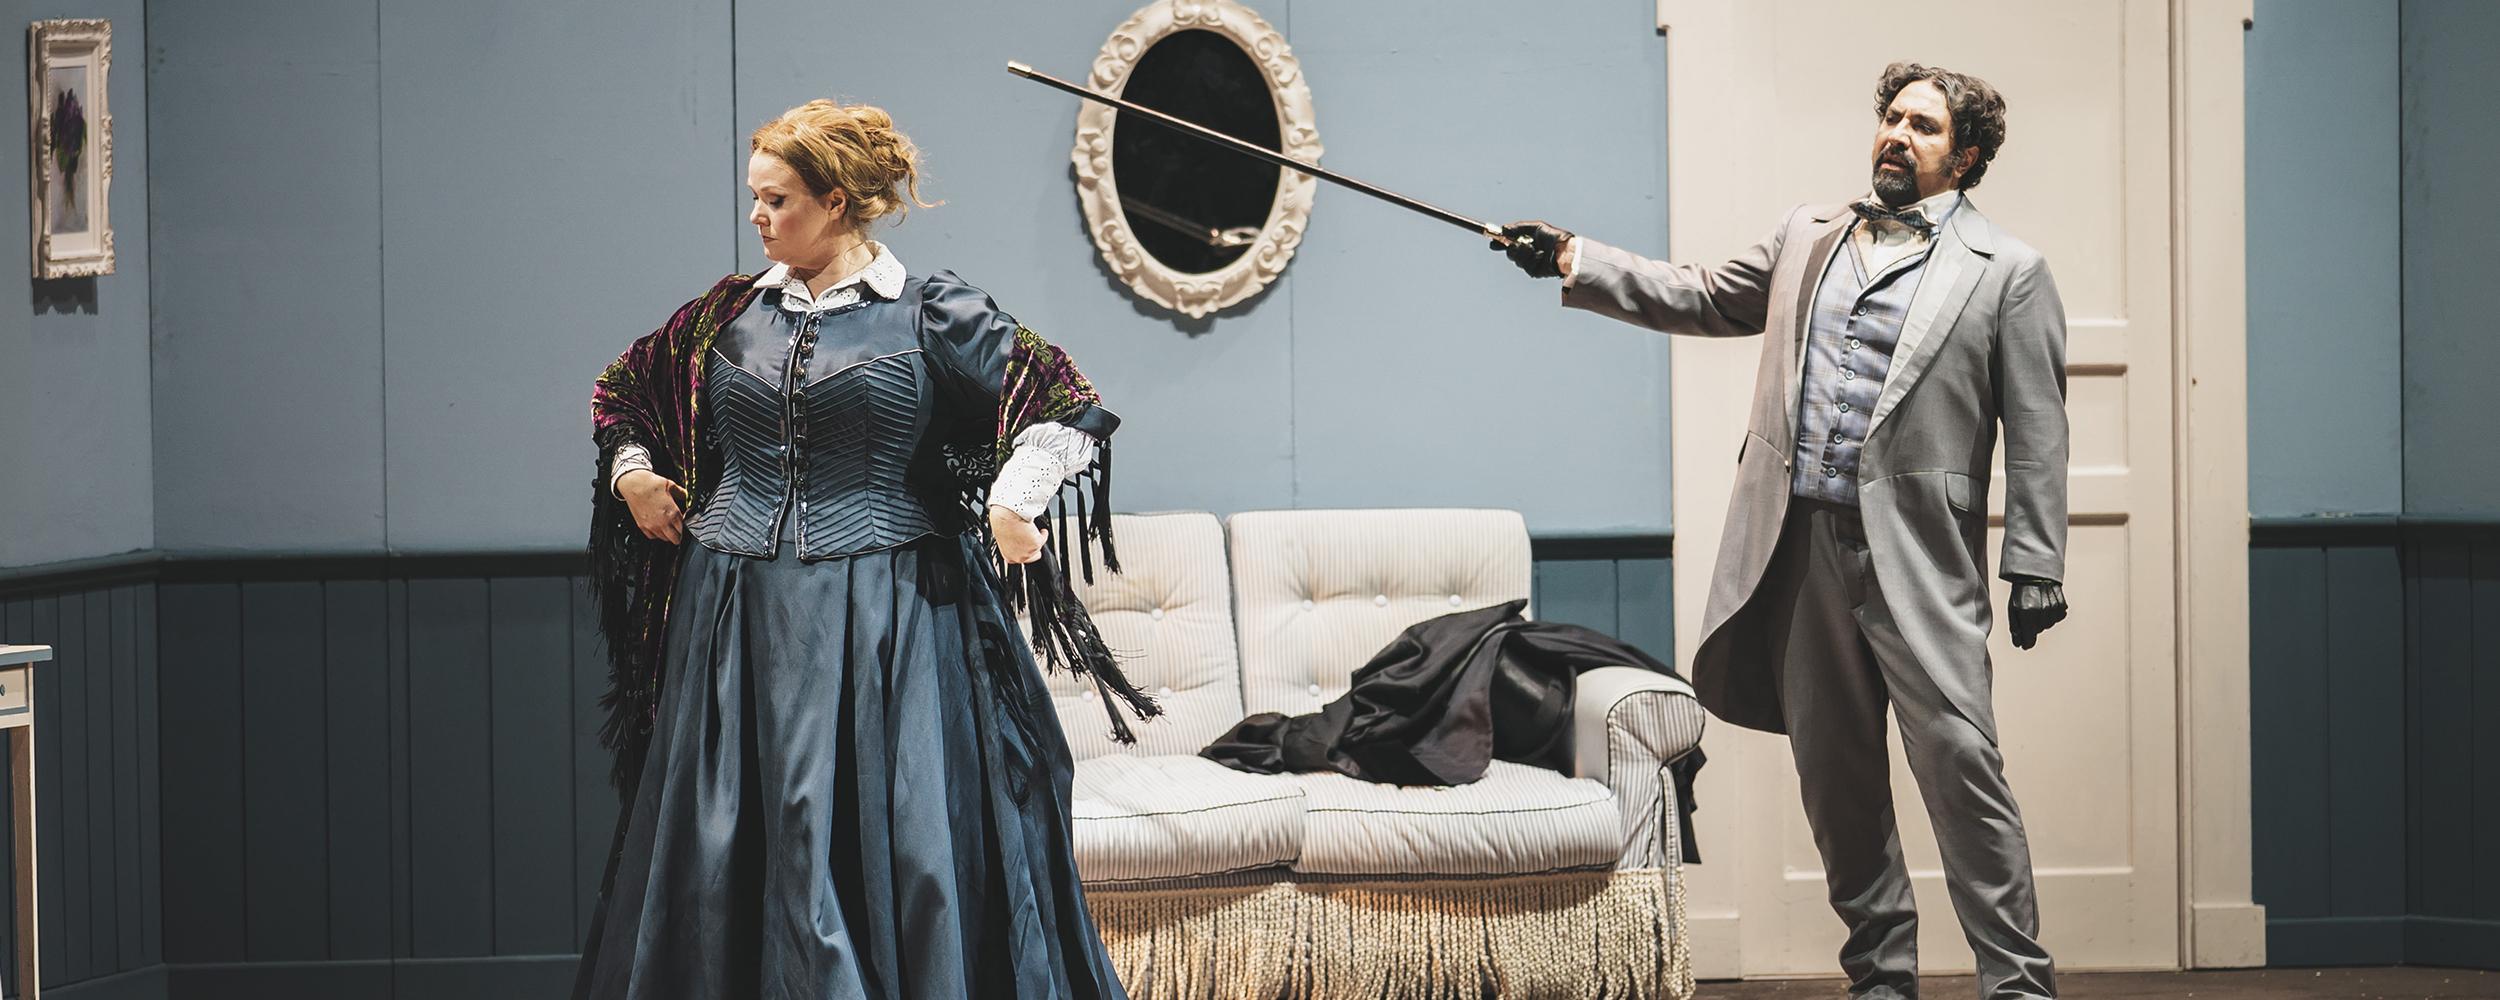 Linda di Chamounix - Teatro del Maggio Musicale Fiorentino